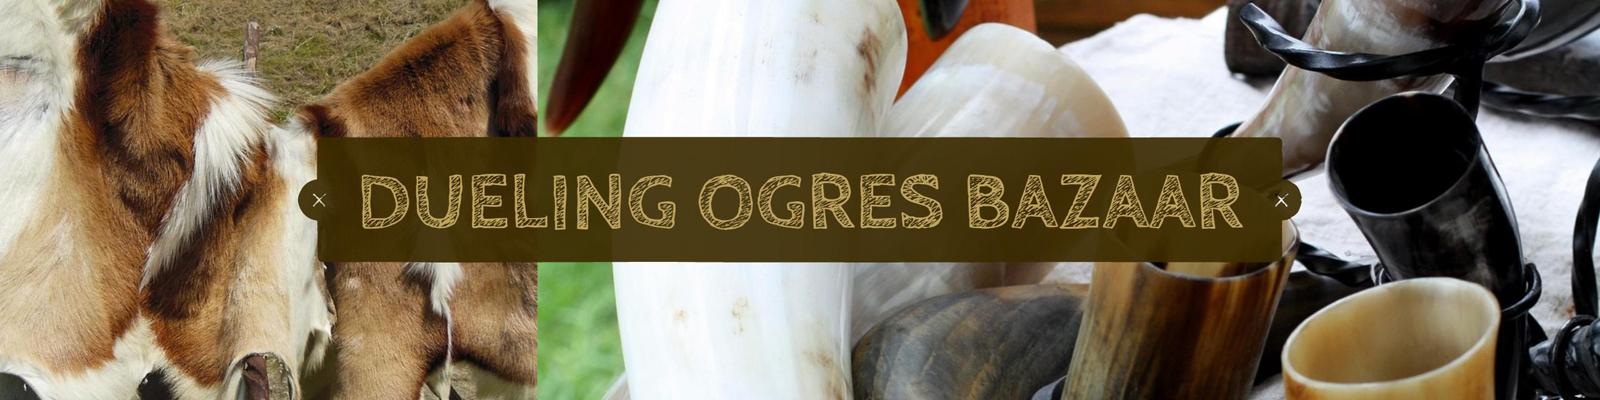 Dueling Ogres Bazaar Store